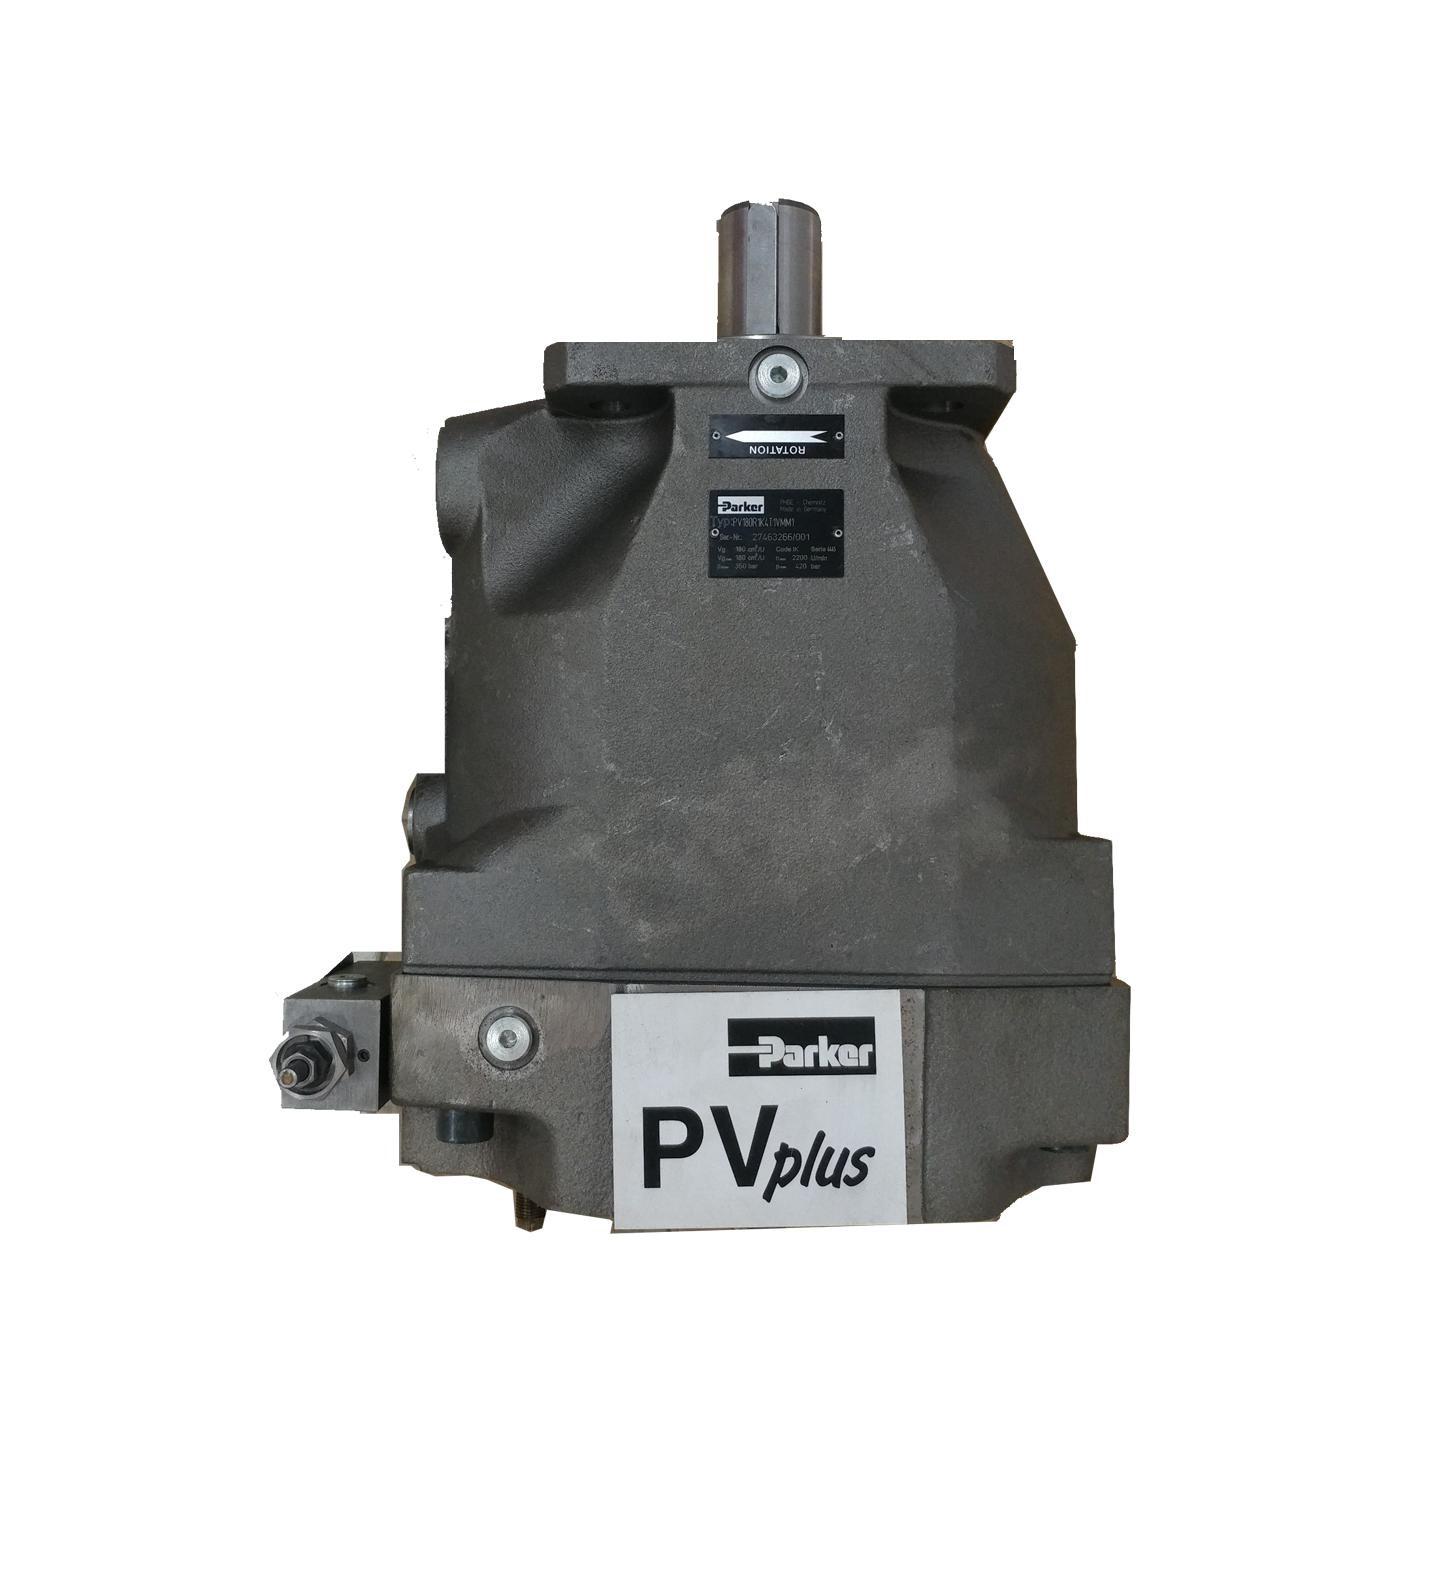 Bơm piston PVa Plus Parker, giá bơm piston PV Plus tốt nhất thị trường 1